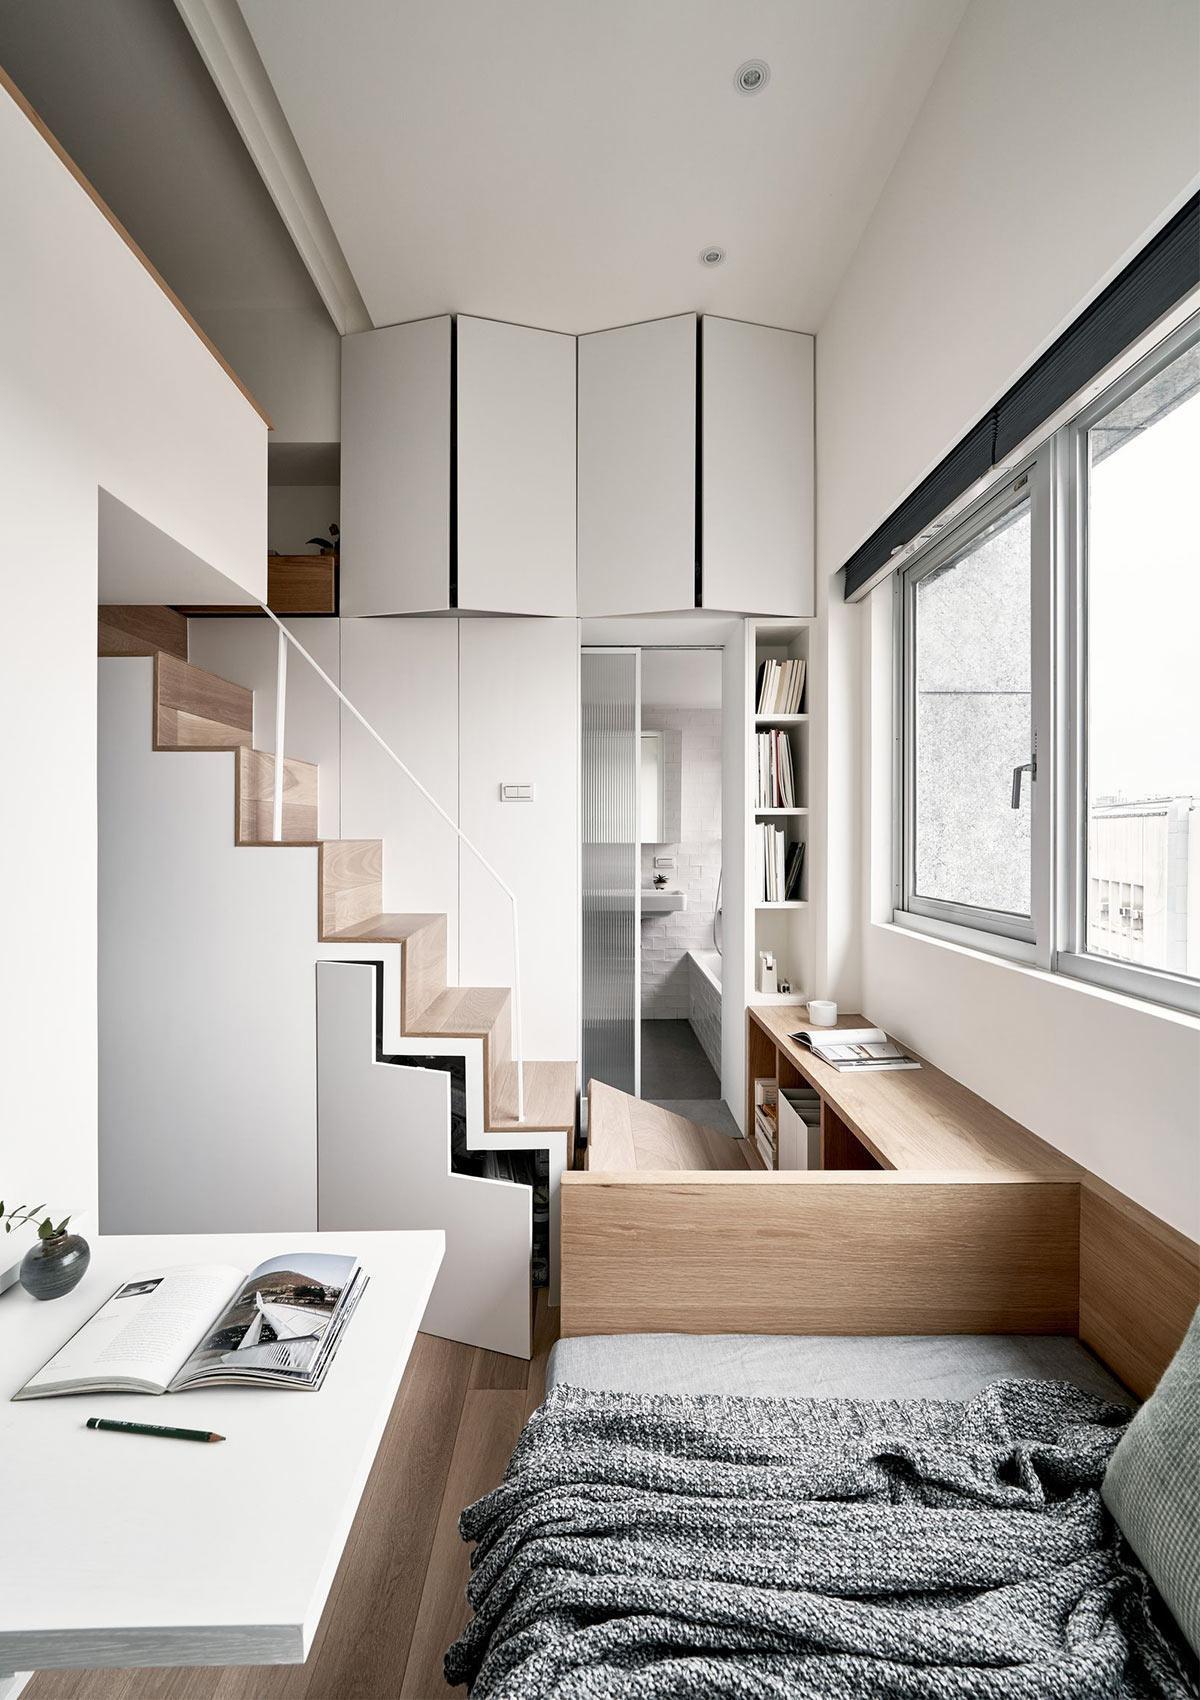 thiết kế căn hộ nhỏ tiện nghi